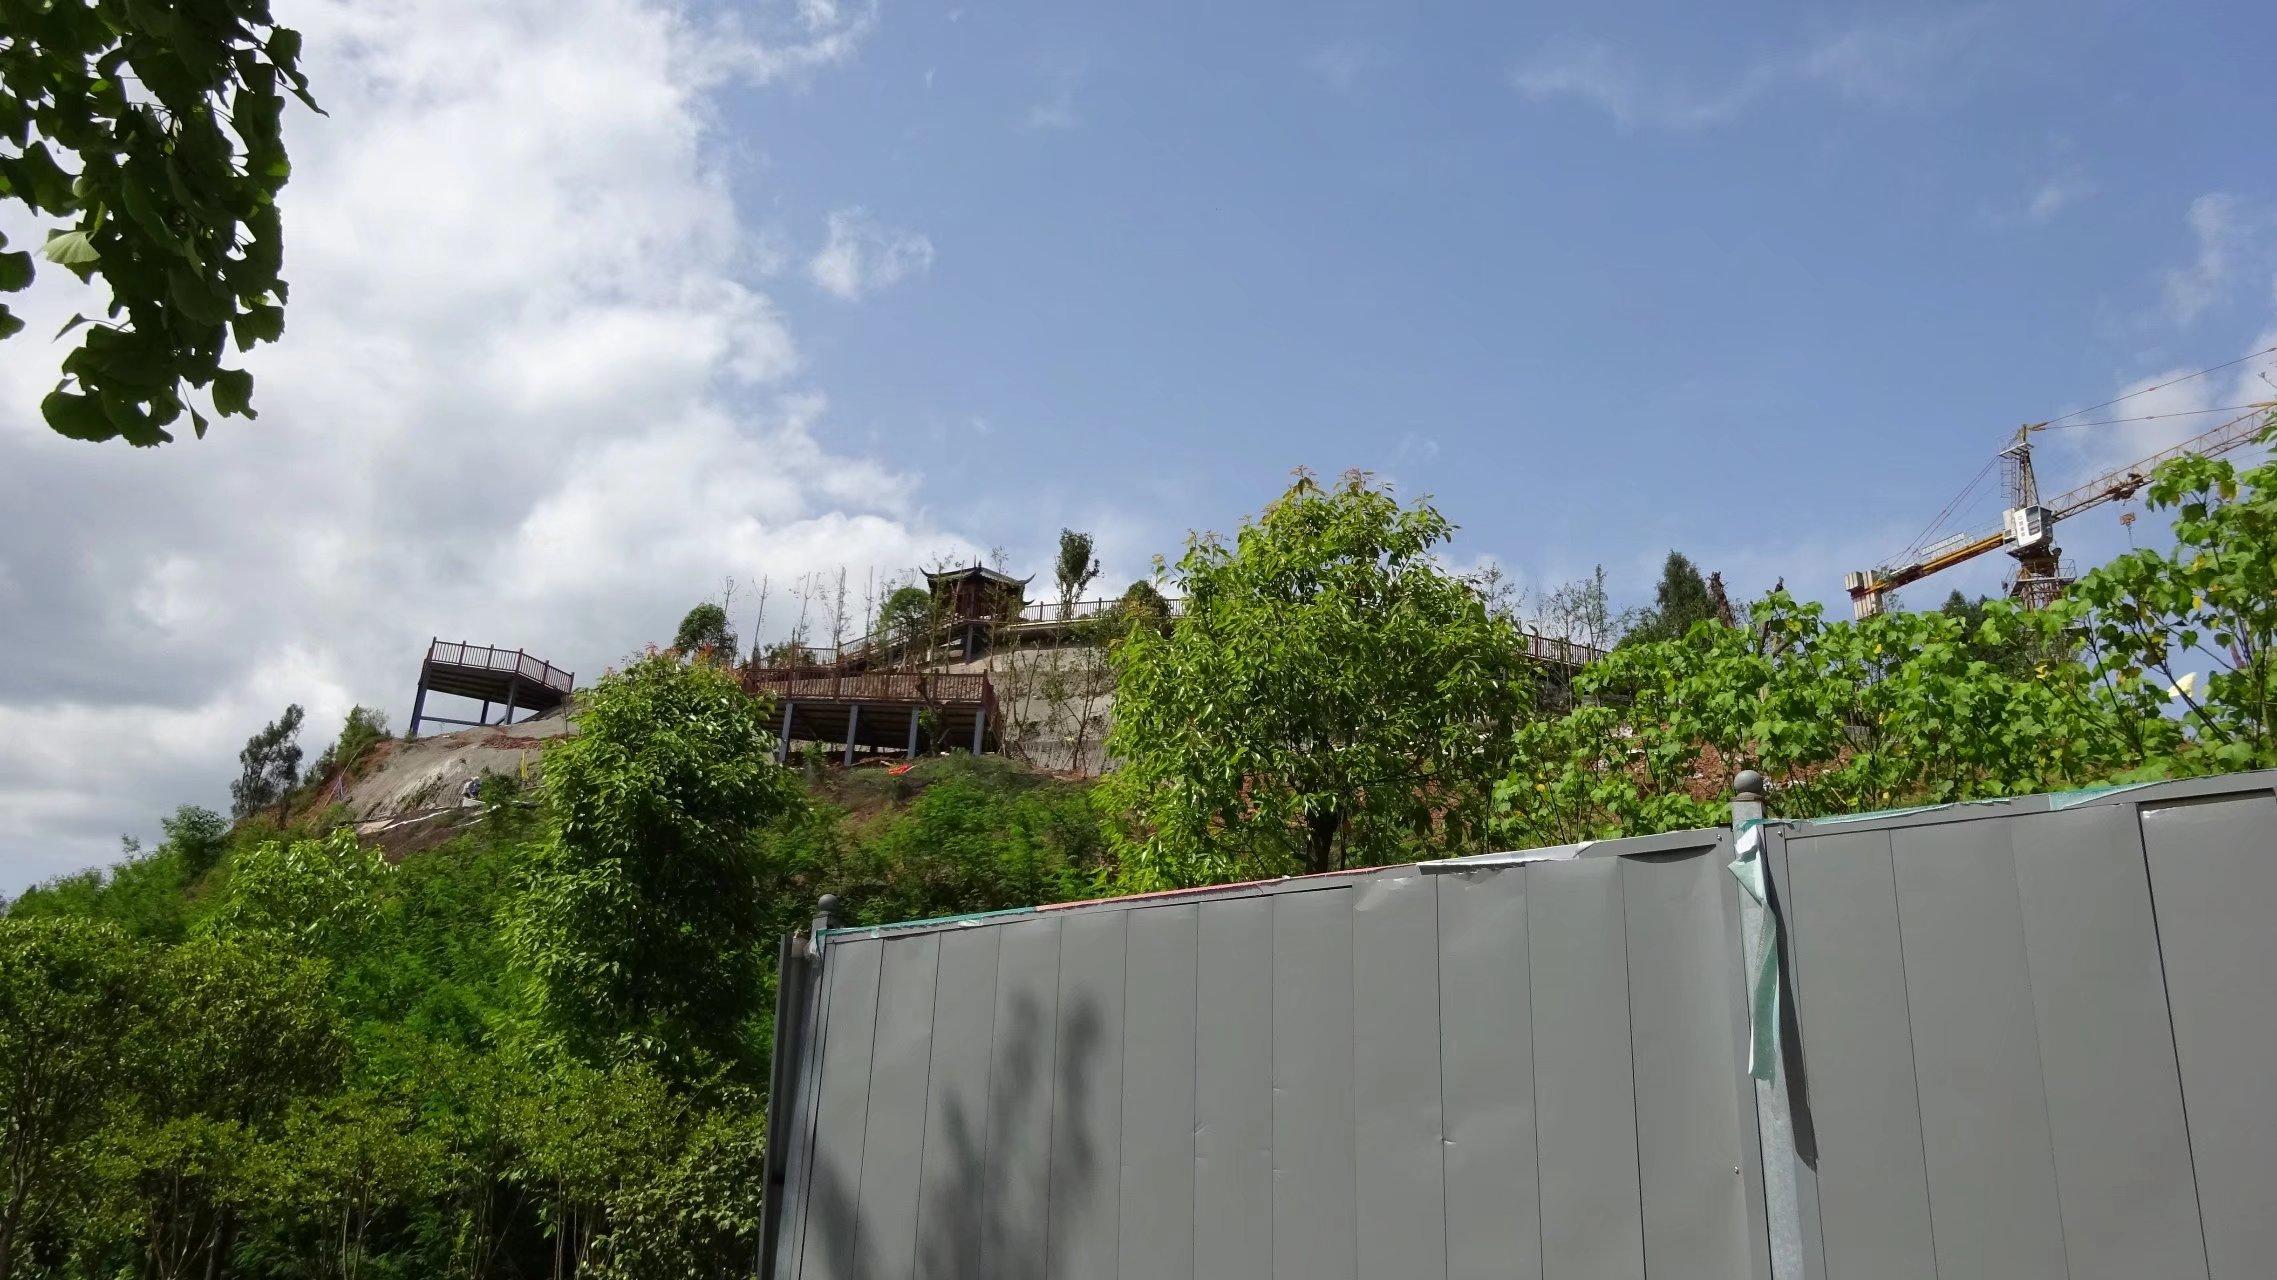 蓬安桑梓火锅公园施工进度(2018-05-10) - 第4张  | 蓬安在线